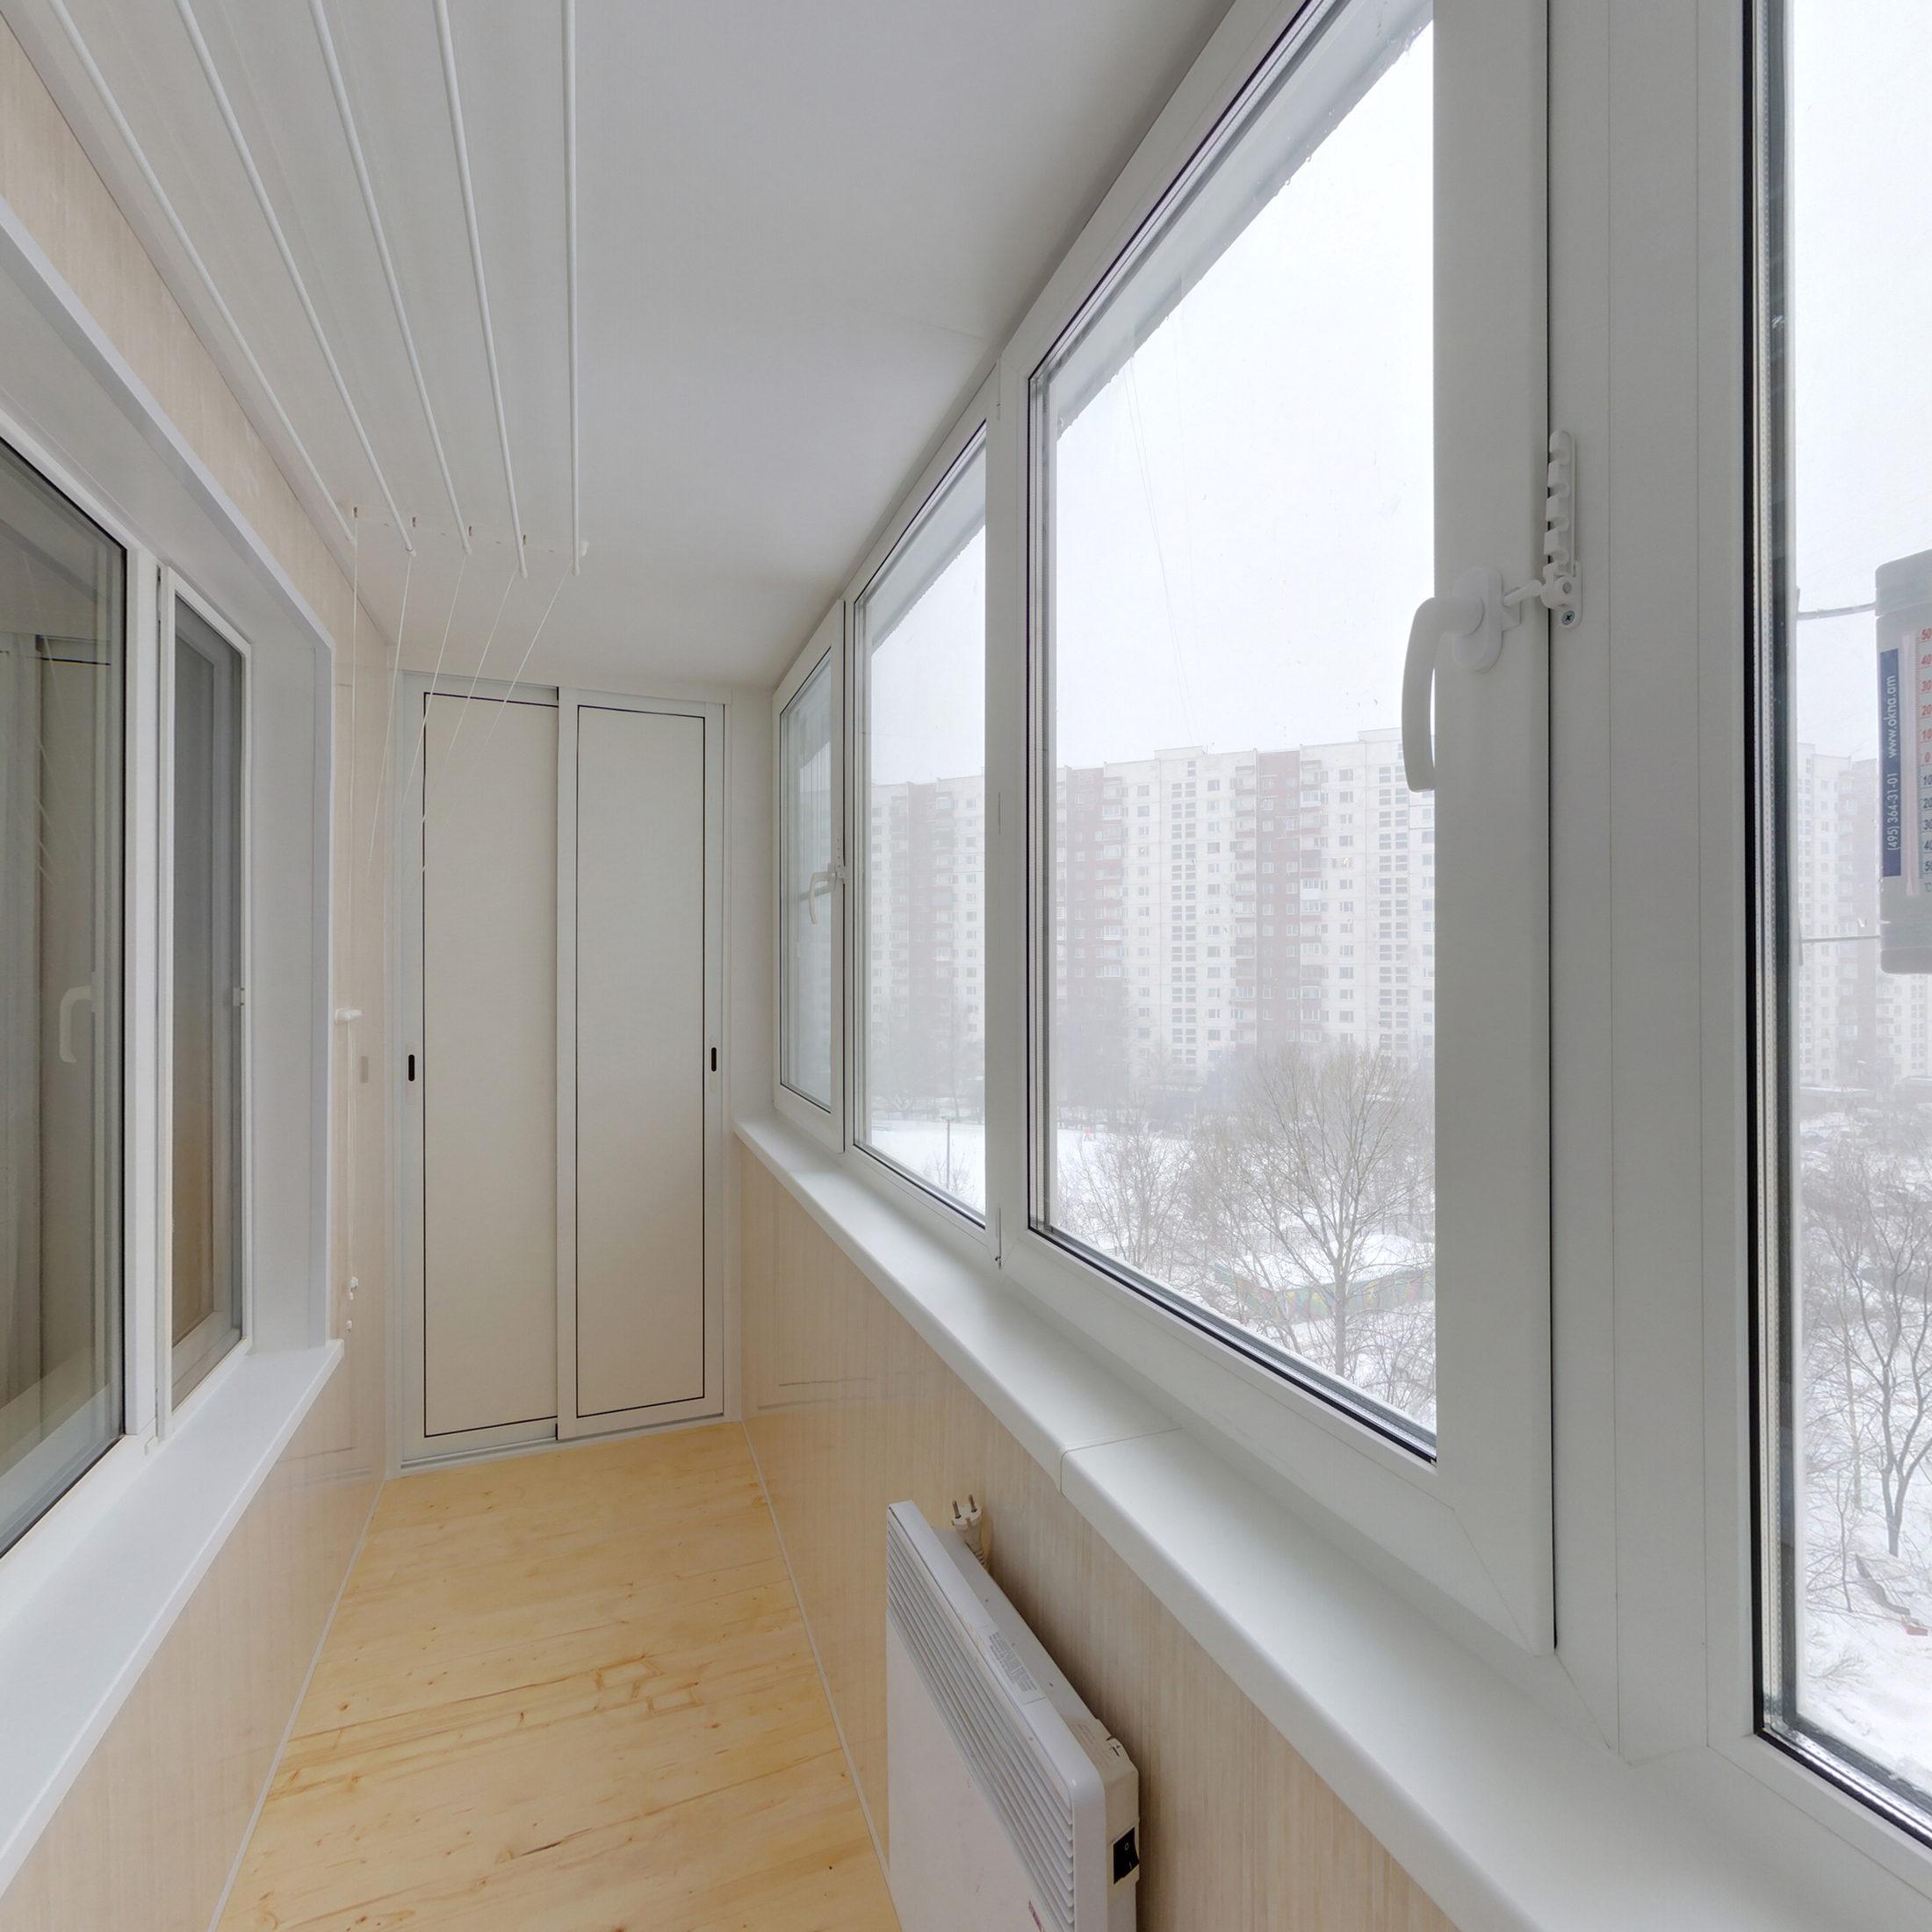 Утепление и остекление балкона пластиковыми окнами цены..